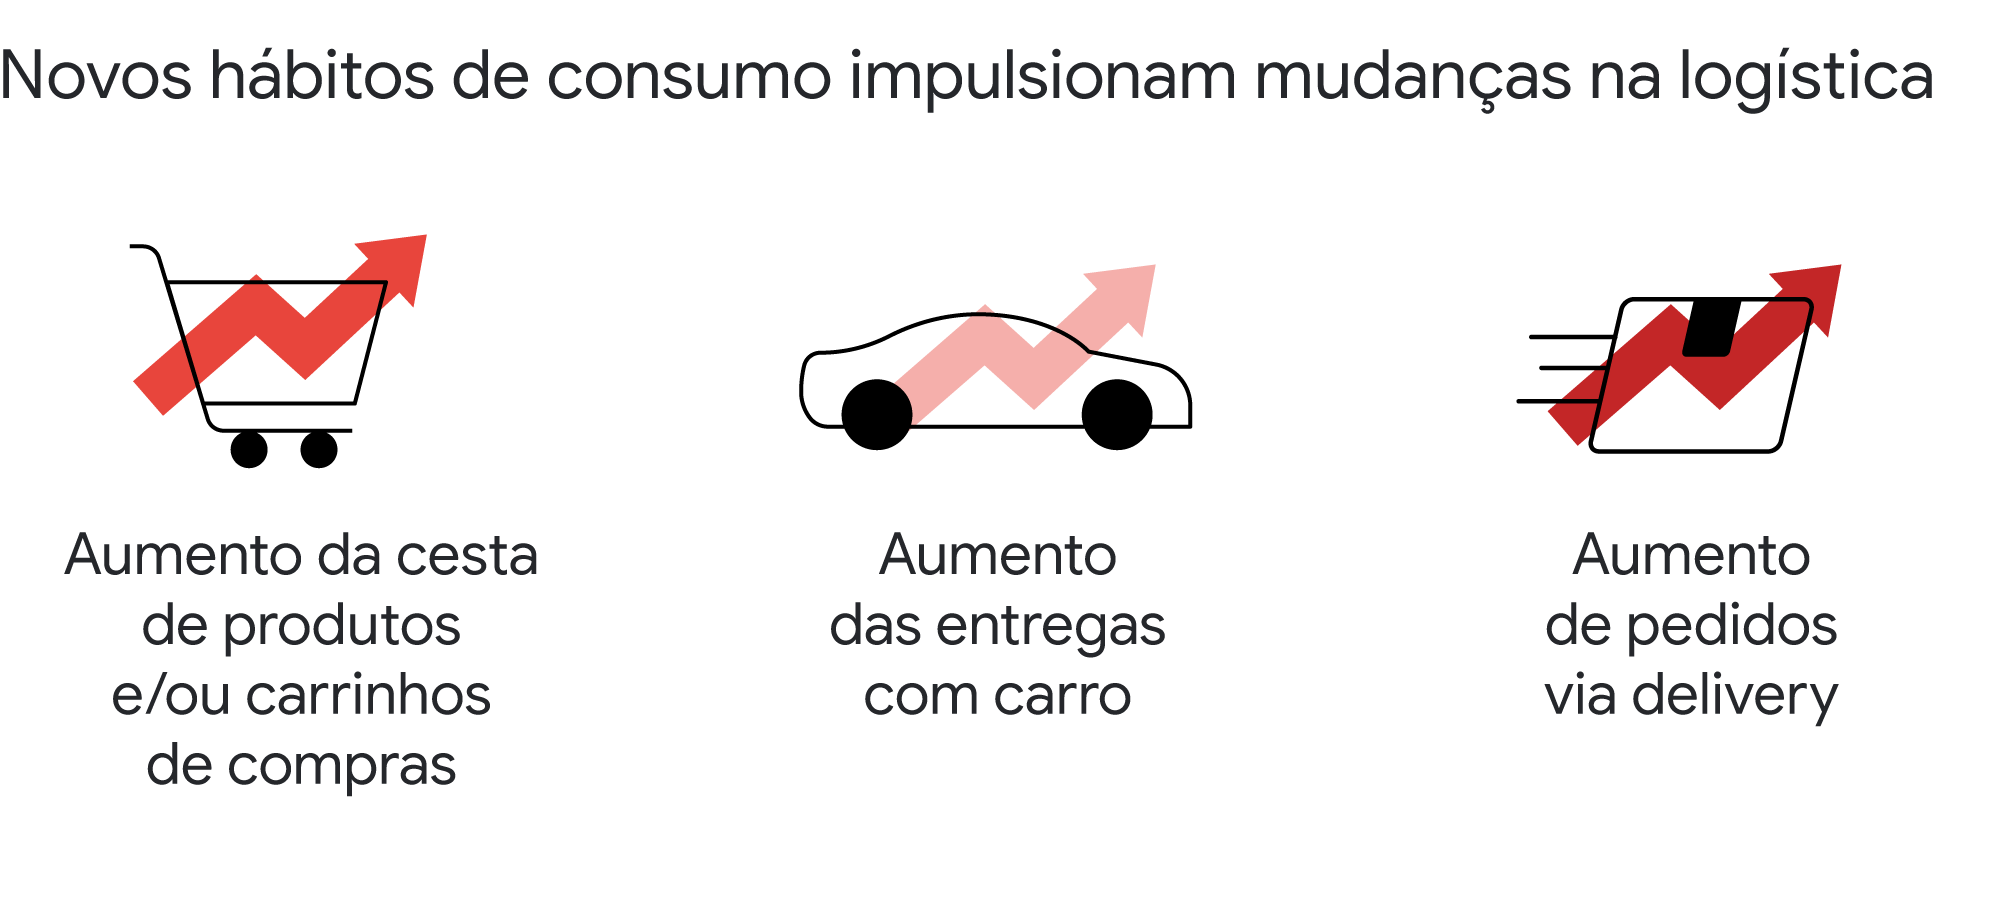 Amanhã, um novo dia? Descubra as mudanças nos hábitos de consumo dos brasileiros